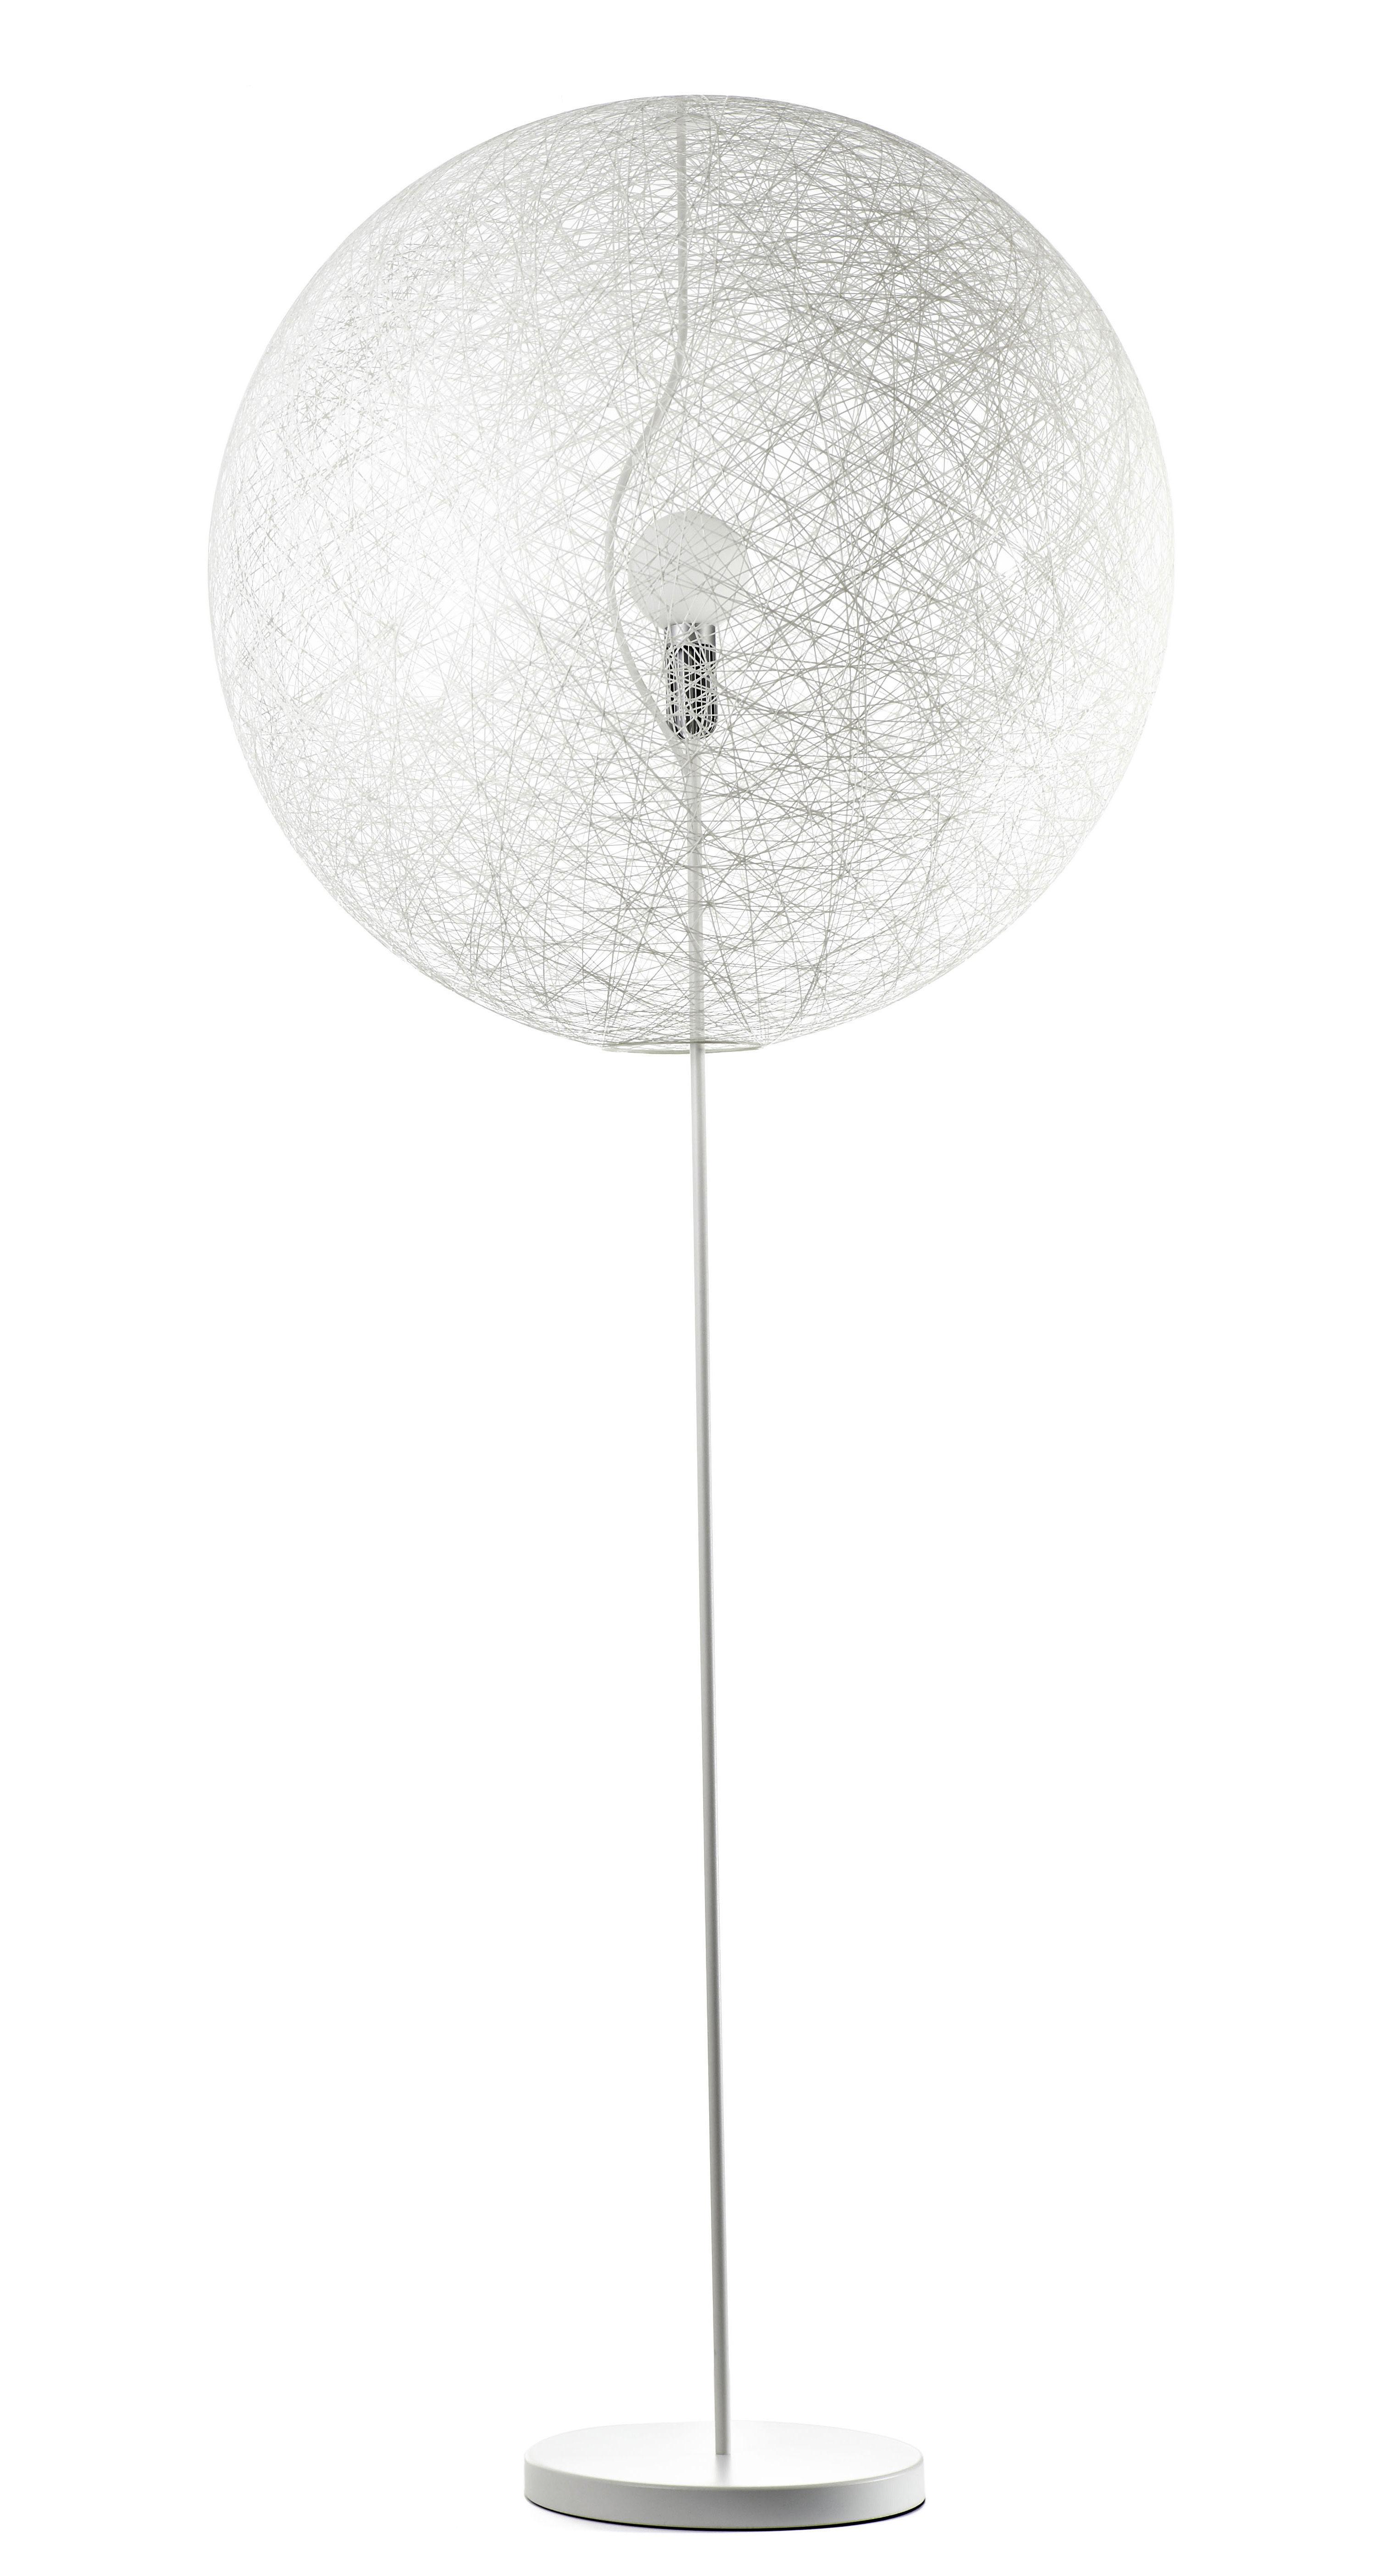 Leuchten - Stehleuchten - Random Light LED Stehleuchte LED - Medium Ø 80 cm - Moooi - Weiß - Ø 80 cm x H 205 cm - Glasfaser, Stahl